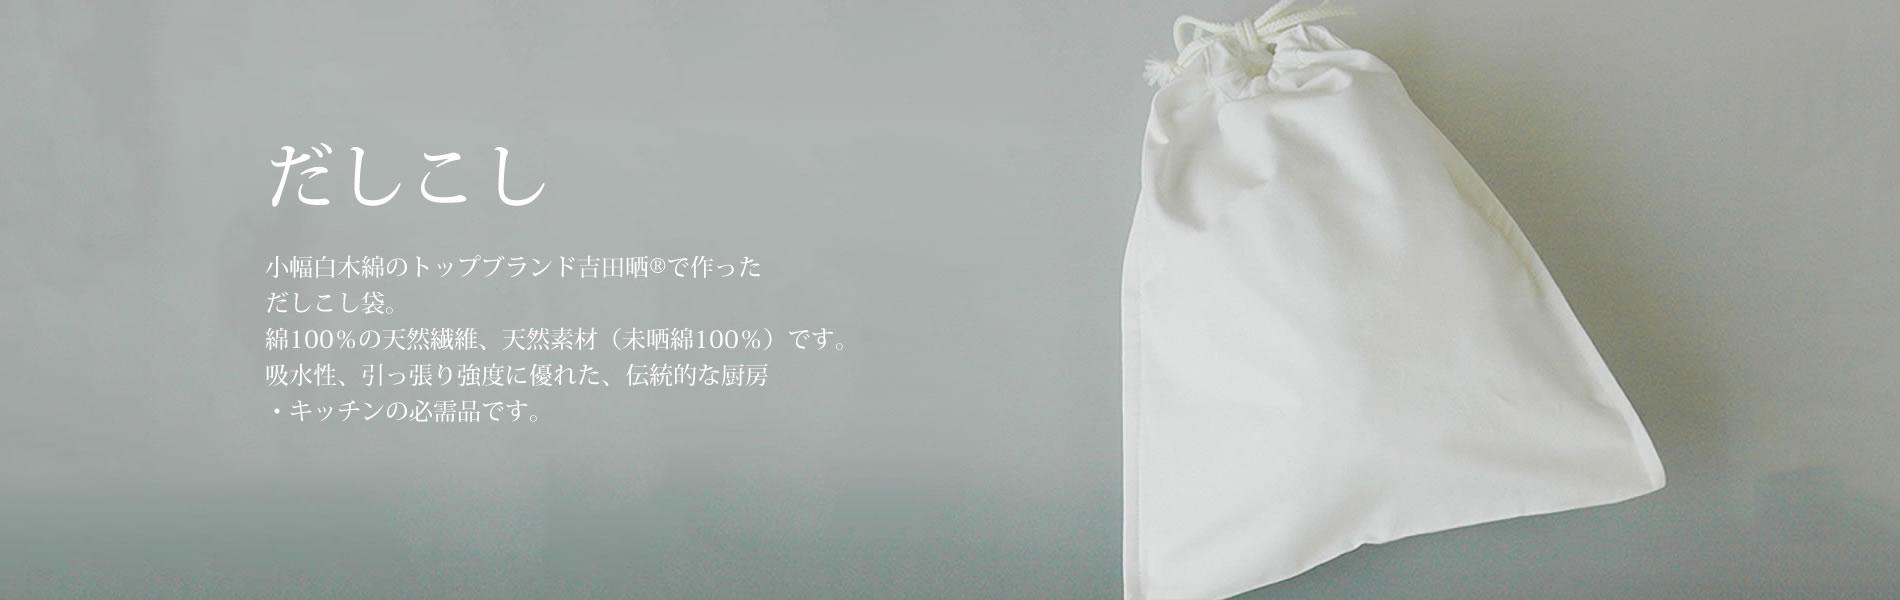 だしこし袋(吉田晒®)